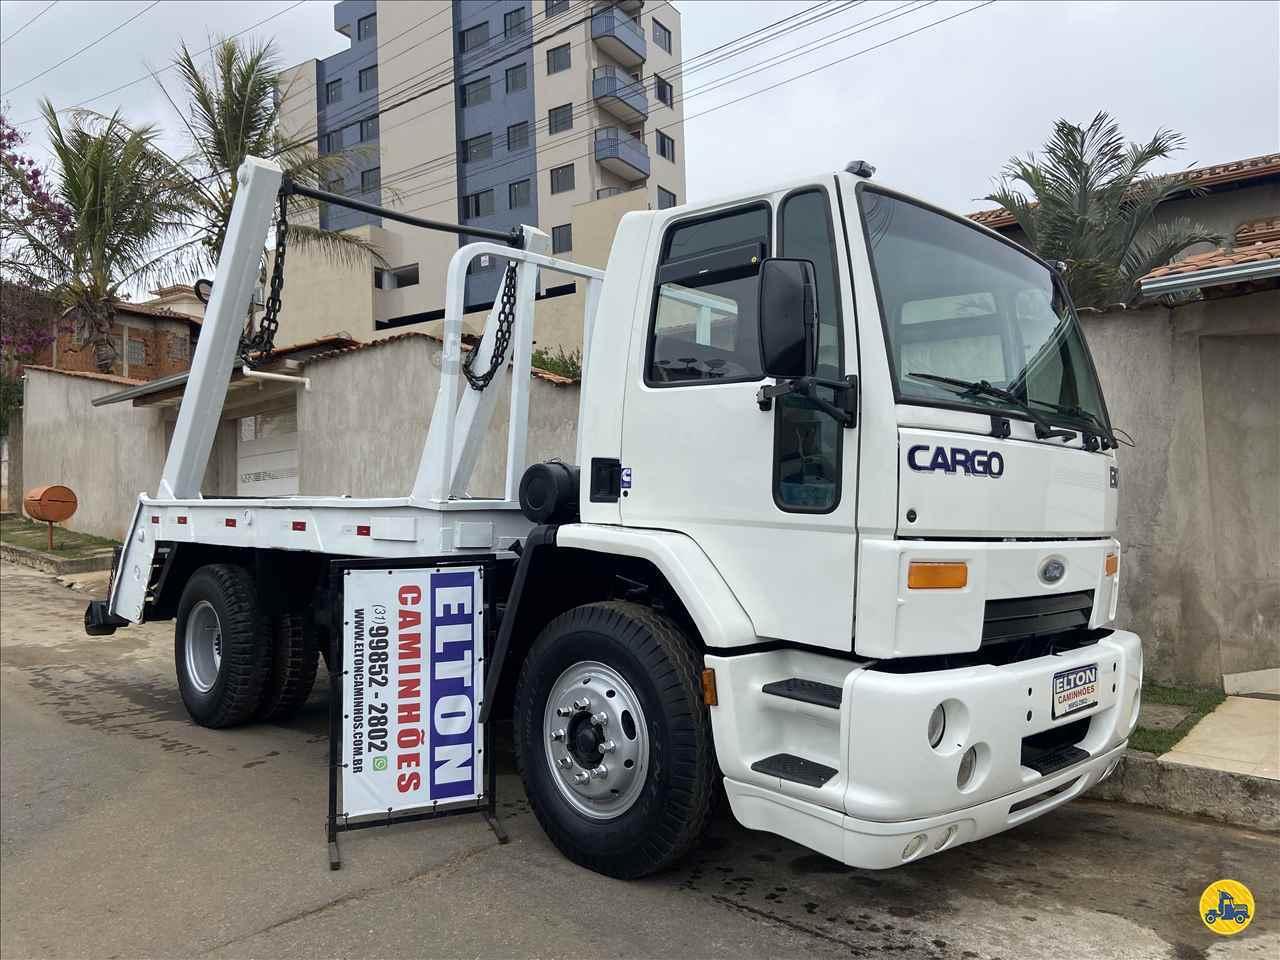 CAMINHAO FORD CARGO 1317 Poliguindaste Toco 4x2 Elton Caminhões JOAO MONLEVADE MINAS GERAIS MG